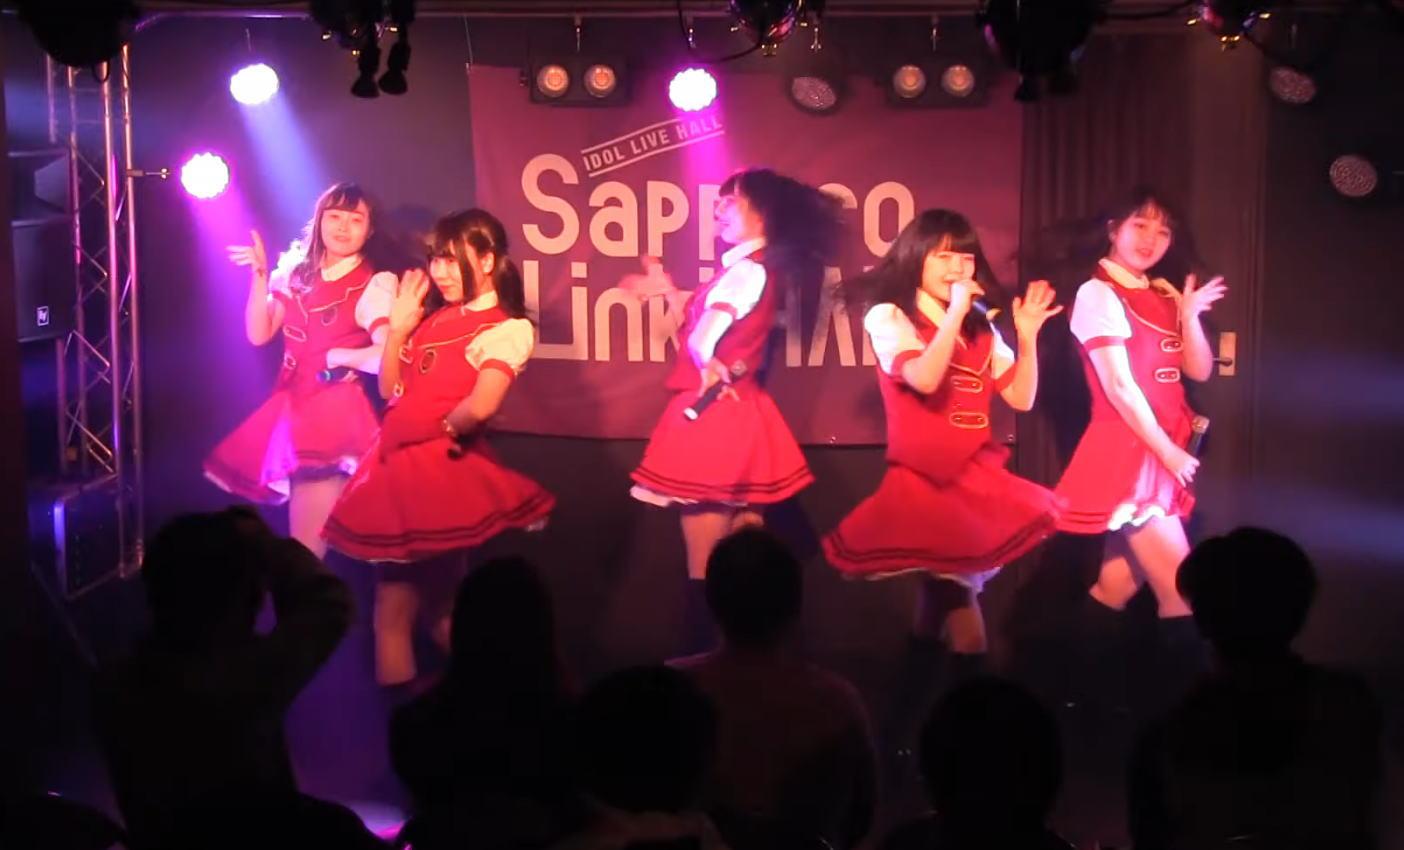 Sapporo-GirlsLinkNEXT 105